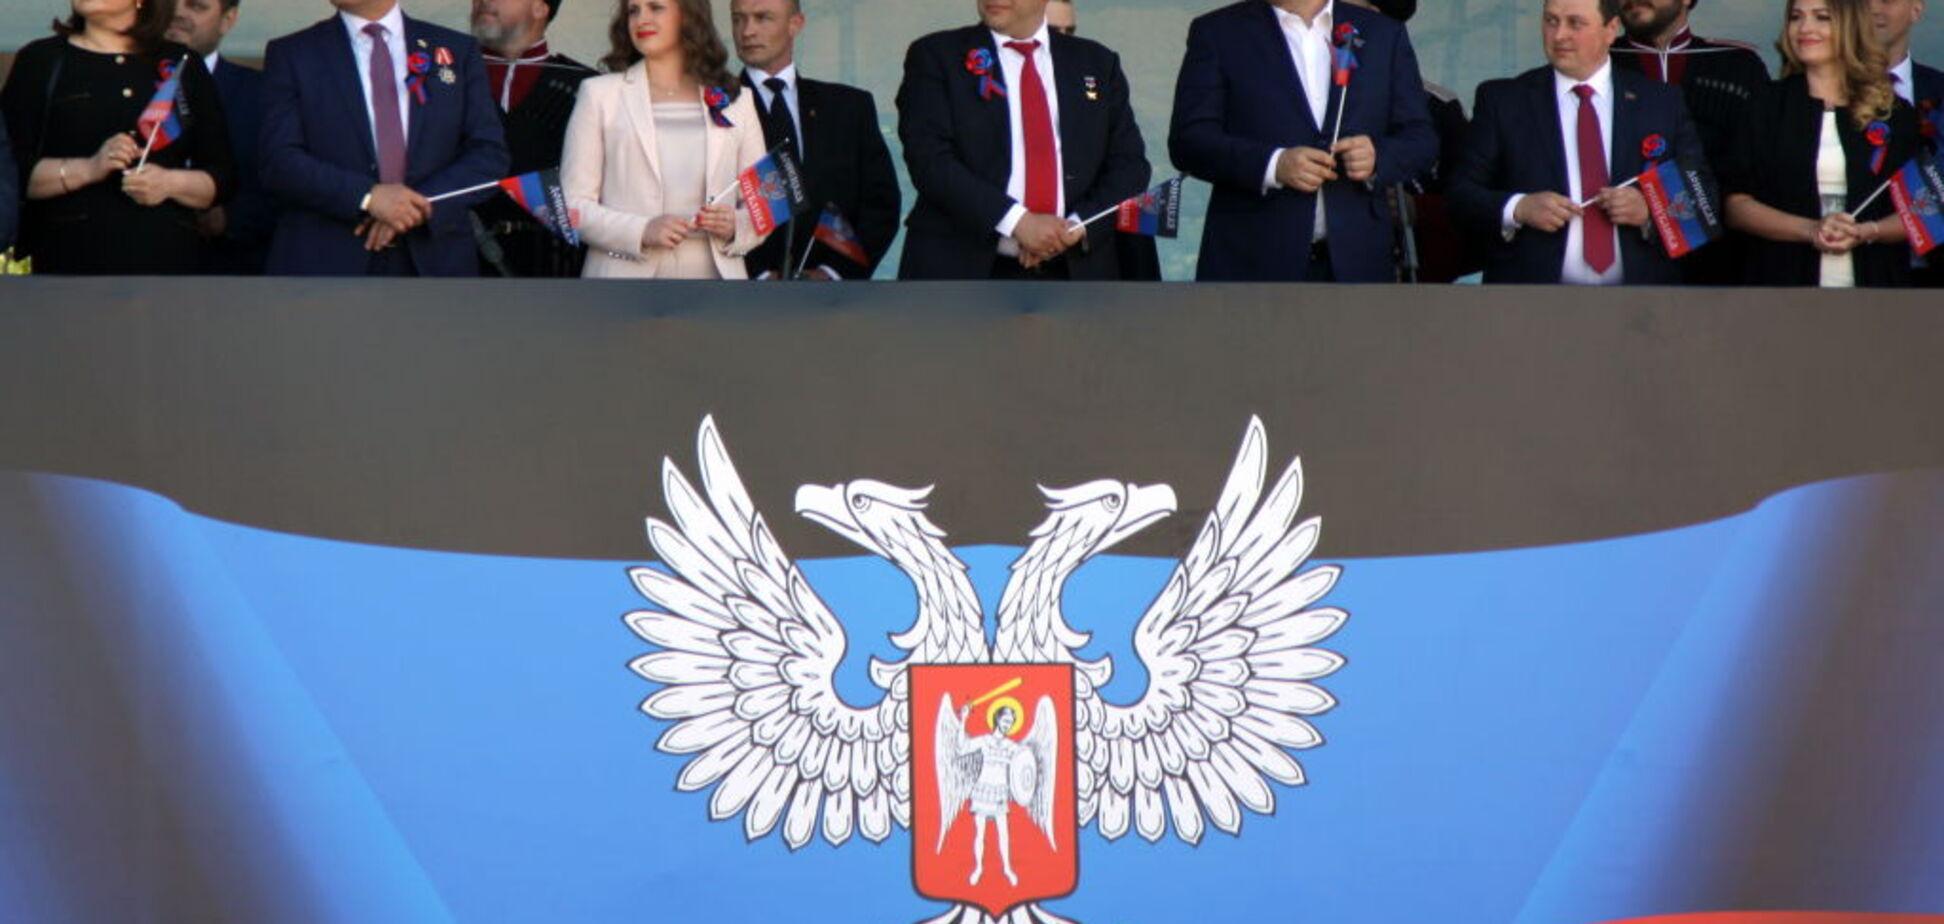 Ватажки 'Л/ДНР' обговорять інтеграцію до складу Росії: названа дата